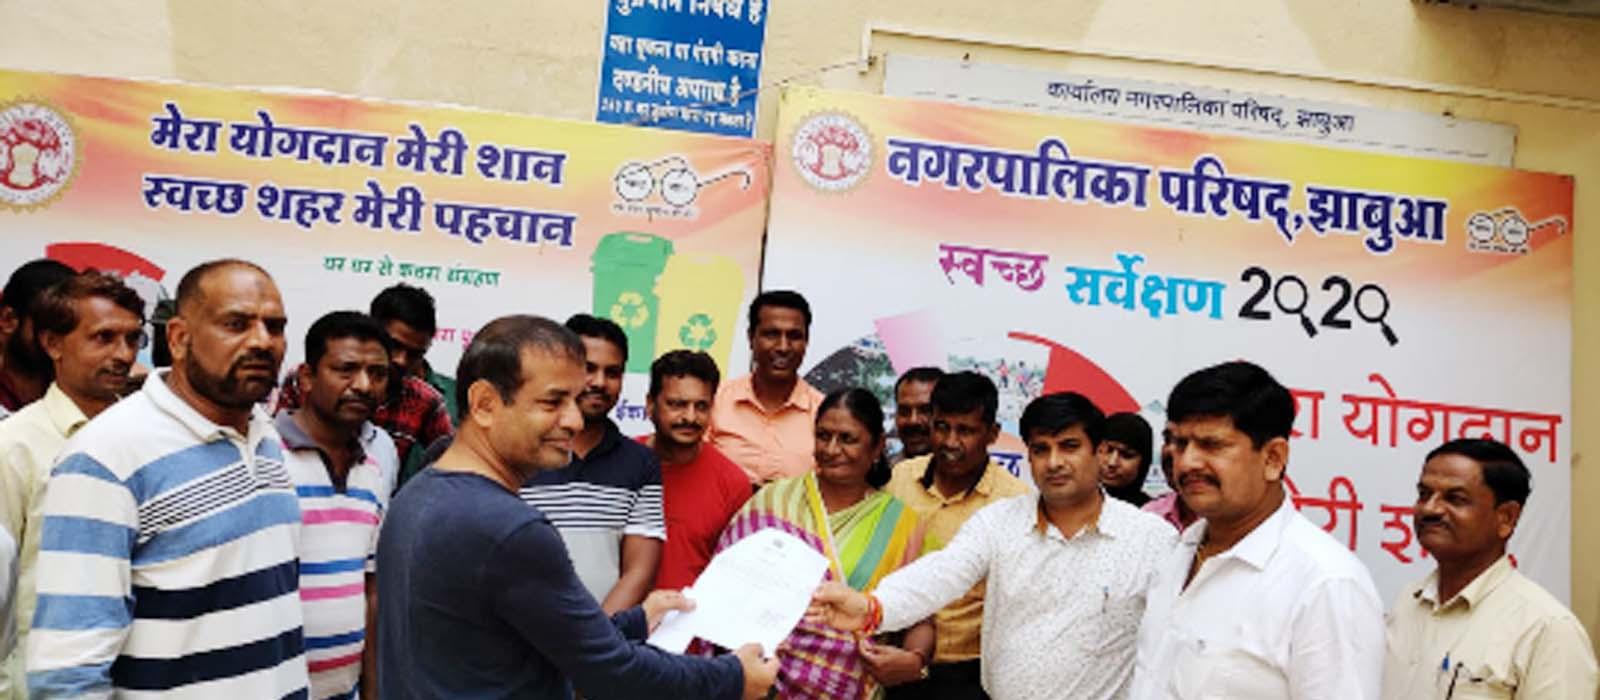 Jhabua News-ई-नगरपालिका पोर्टल का हुआ शुभारंभ, स्वच्छता के लिए सामूहिक रूप से दिलवाई गई शपथ